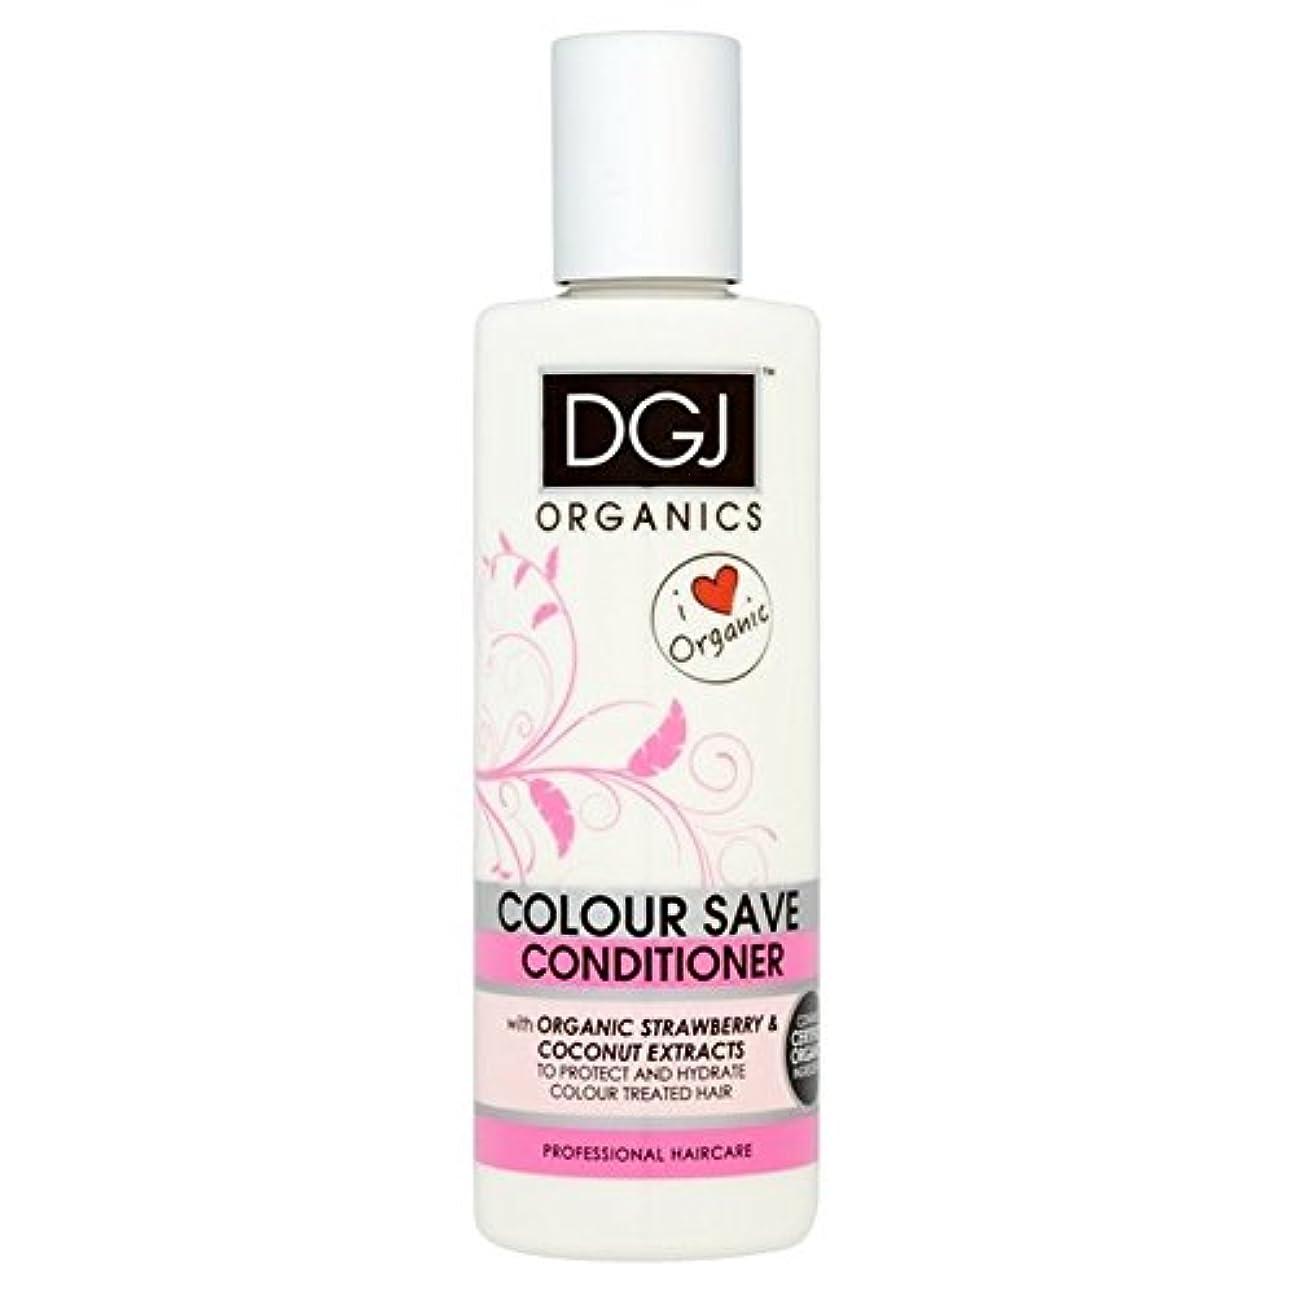 名詞側マーチャンダイジング有機物の色コンディショナー250を保存 x2 - DGJ Organics Colour Save Conditioner 250ml (Pack of 2) [並行輸入品]